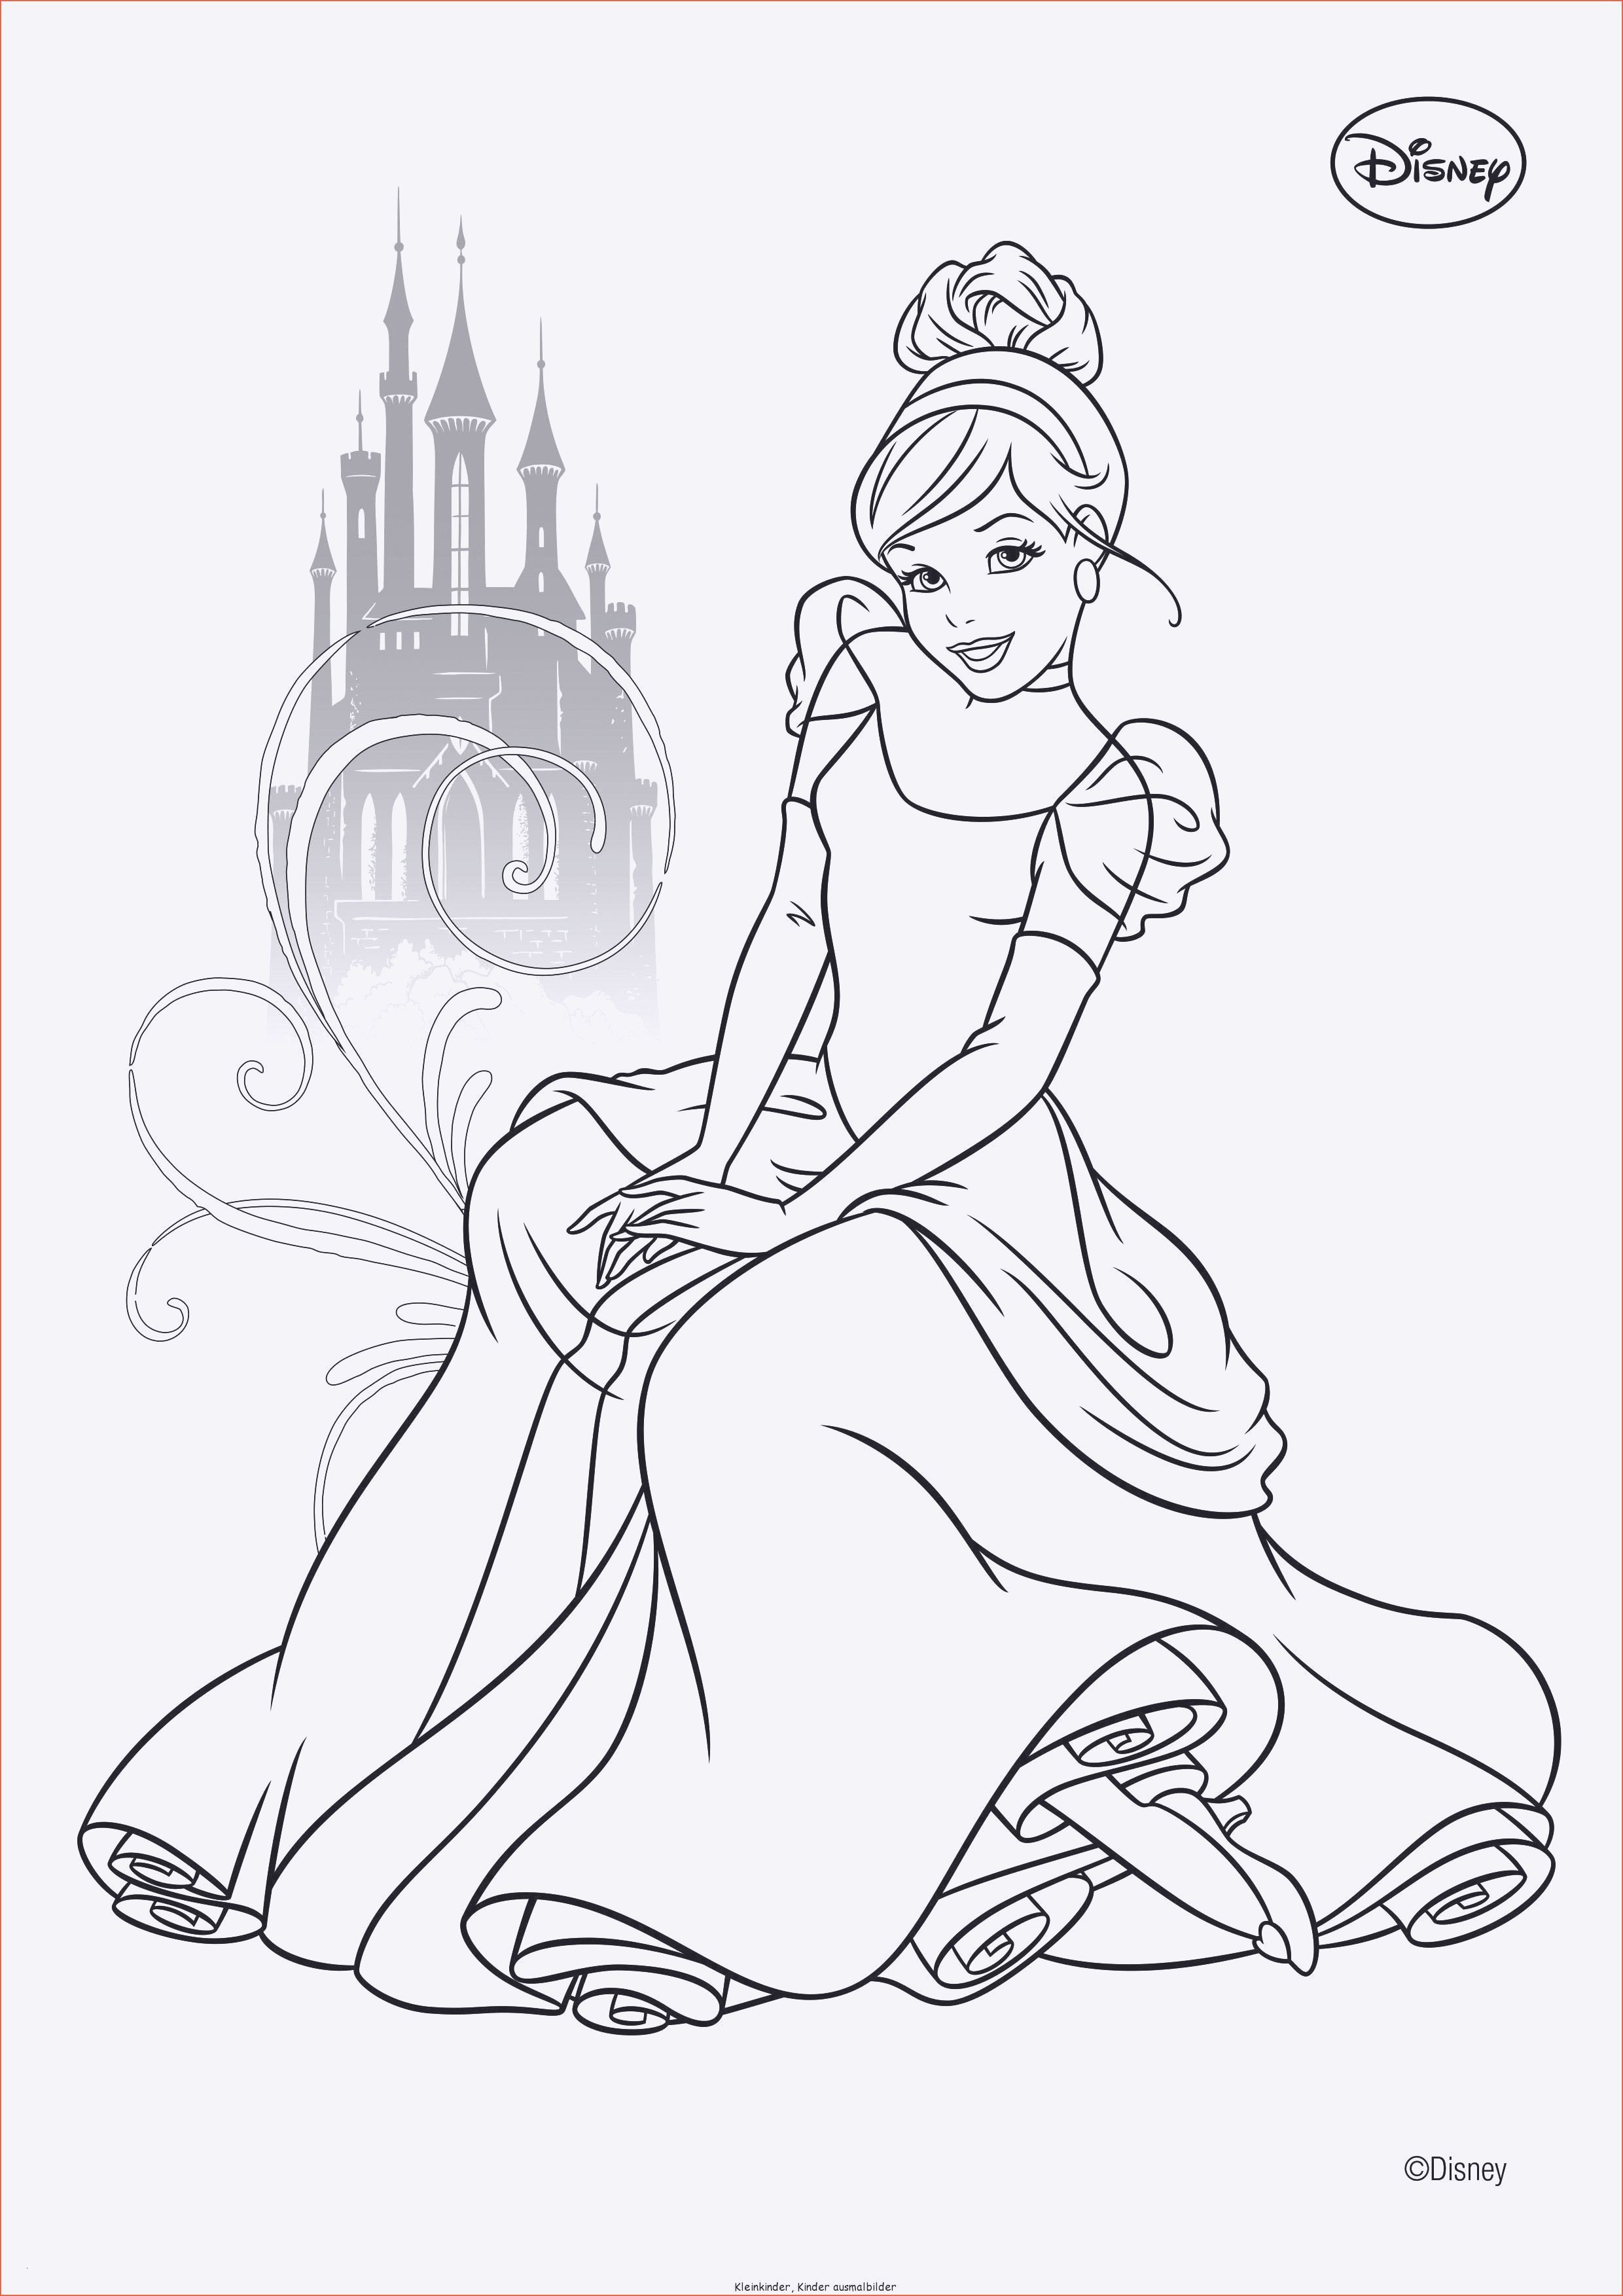 Ausmalbilder Anna Und Elsa Inspirierend Bayern Ausmalbilder Frisch Igel Grundschule 0d Archives Luxus Anna Sammlung